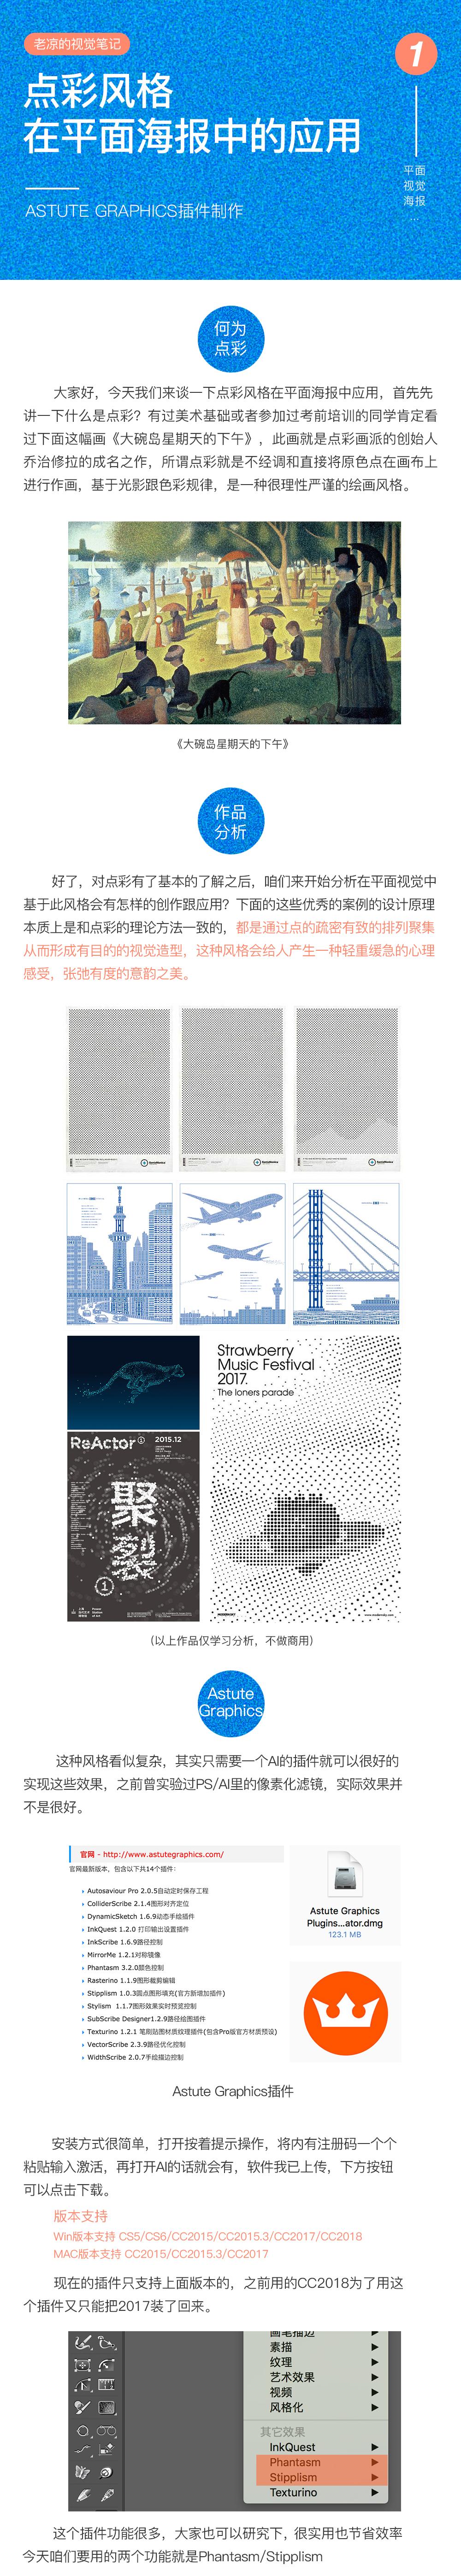 詳解點彩風格在平面海報中的應用,PS教程,思緣教程網